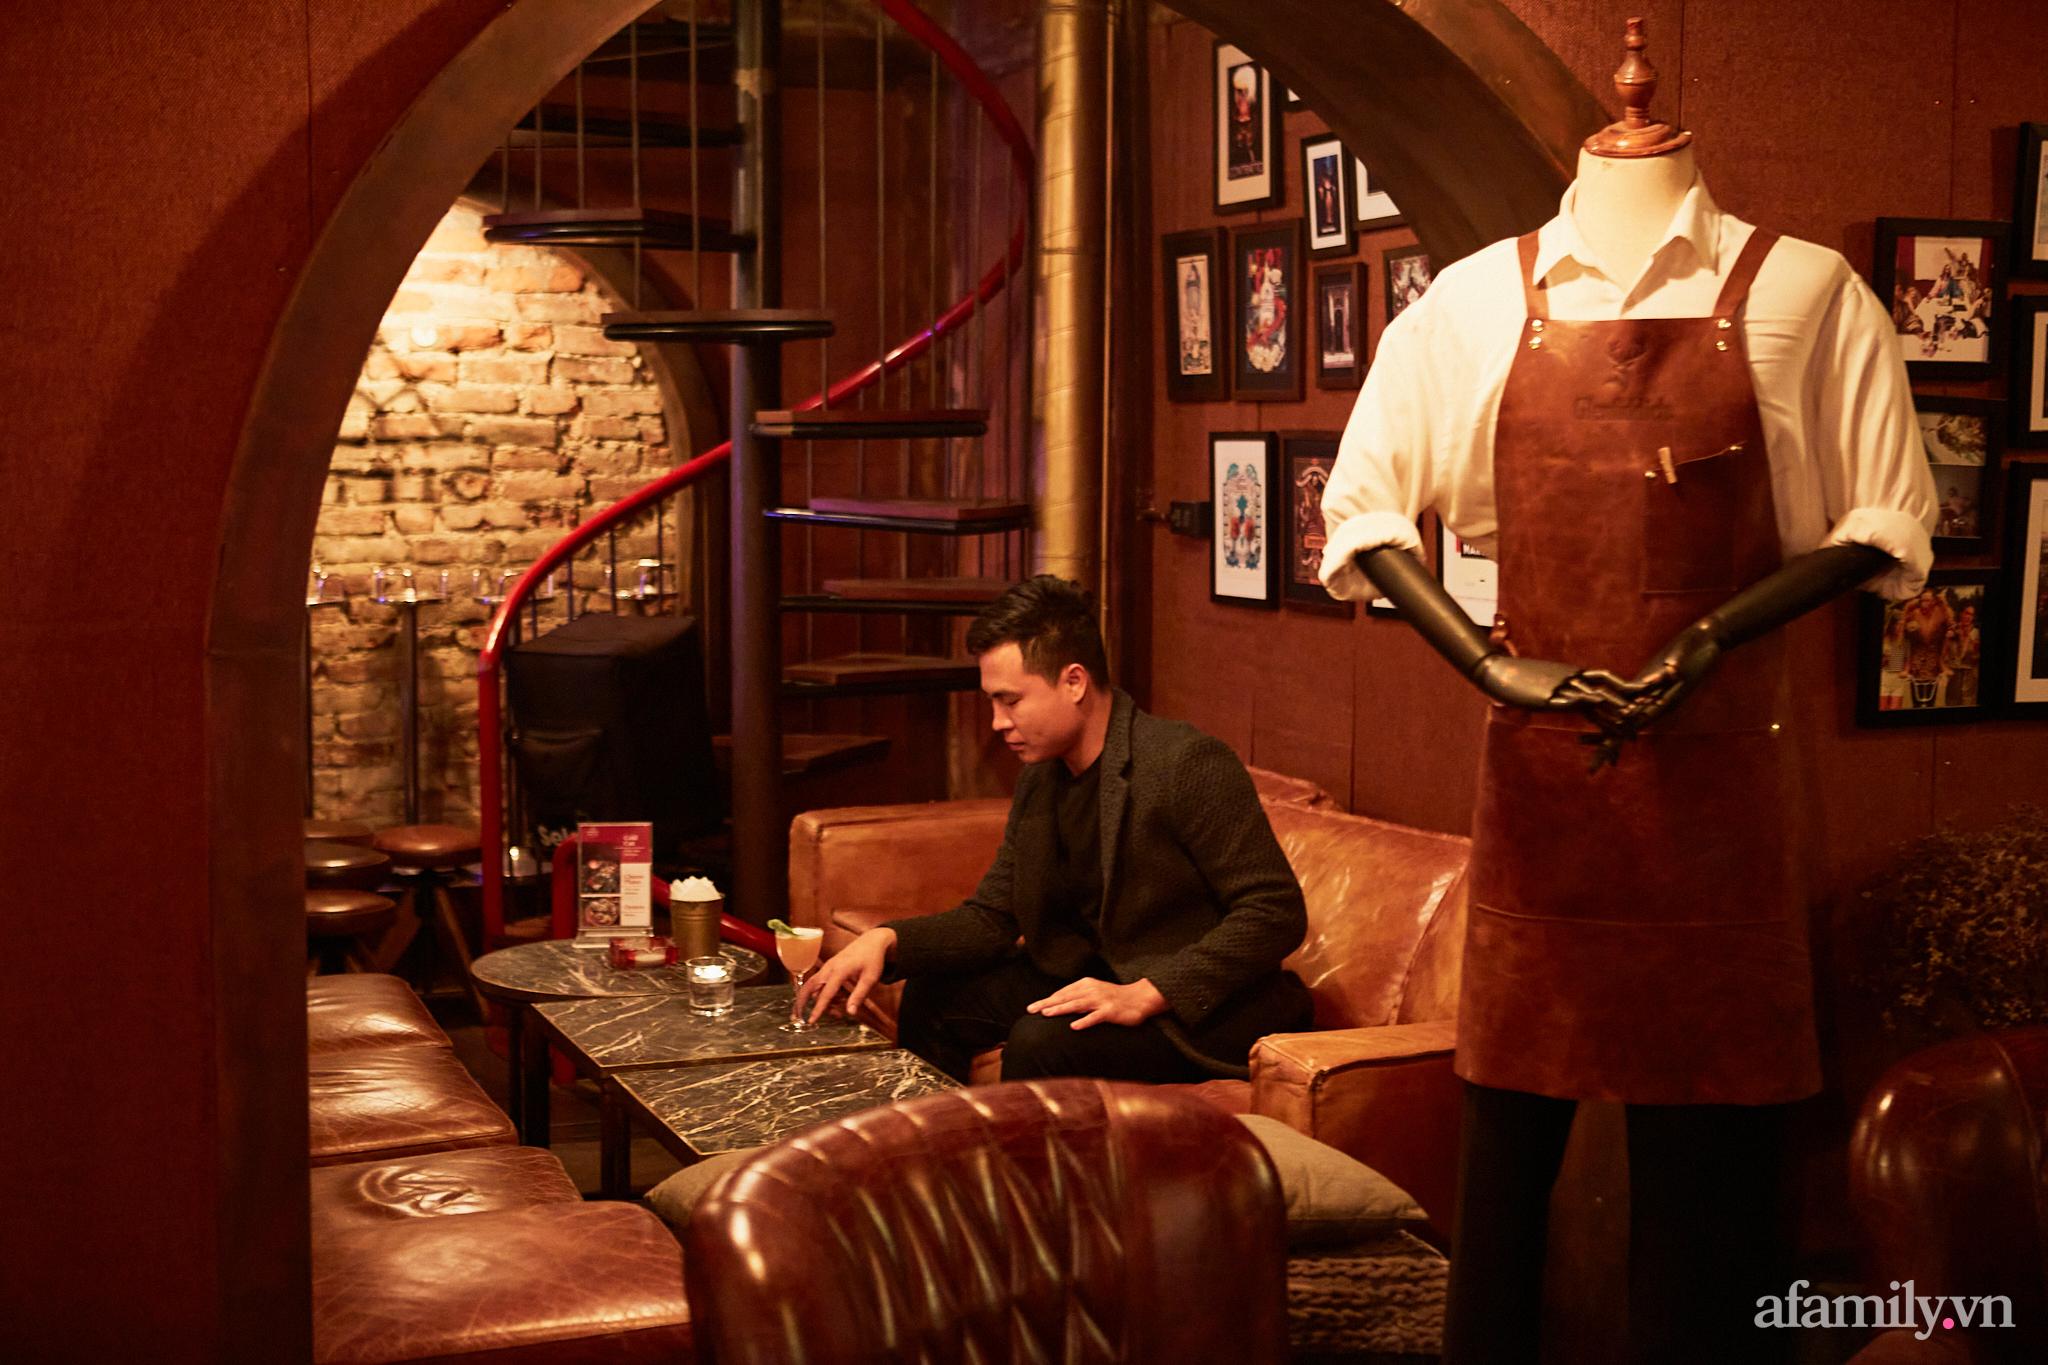 Người đàn ông đứng sau hàng loạt quán pub nổi tiếng ở Hà Nội chia sẻ về nghề dạy pha chế cocktail: Bài học đầu tiên tôi dạy học trò của mình là biết chiều khách đúng cách và cản khách đúng lúc! - Ảnh 5.